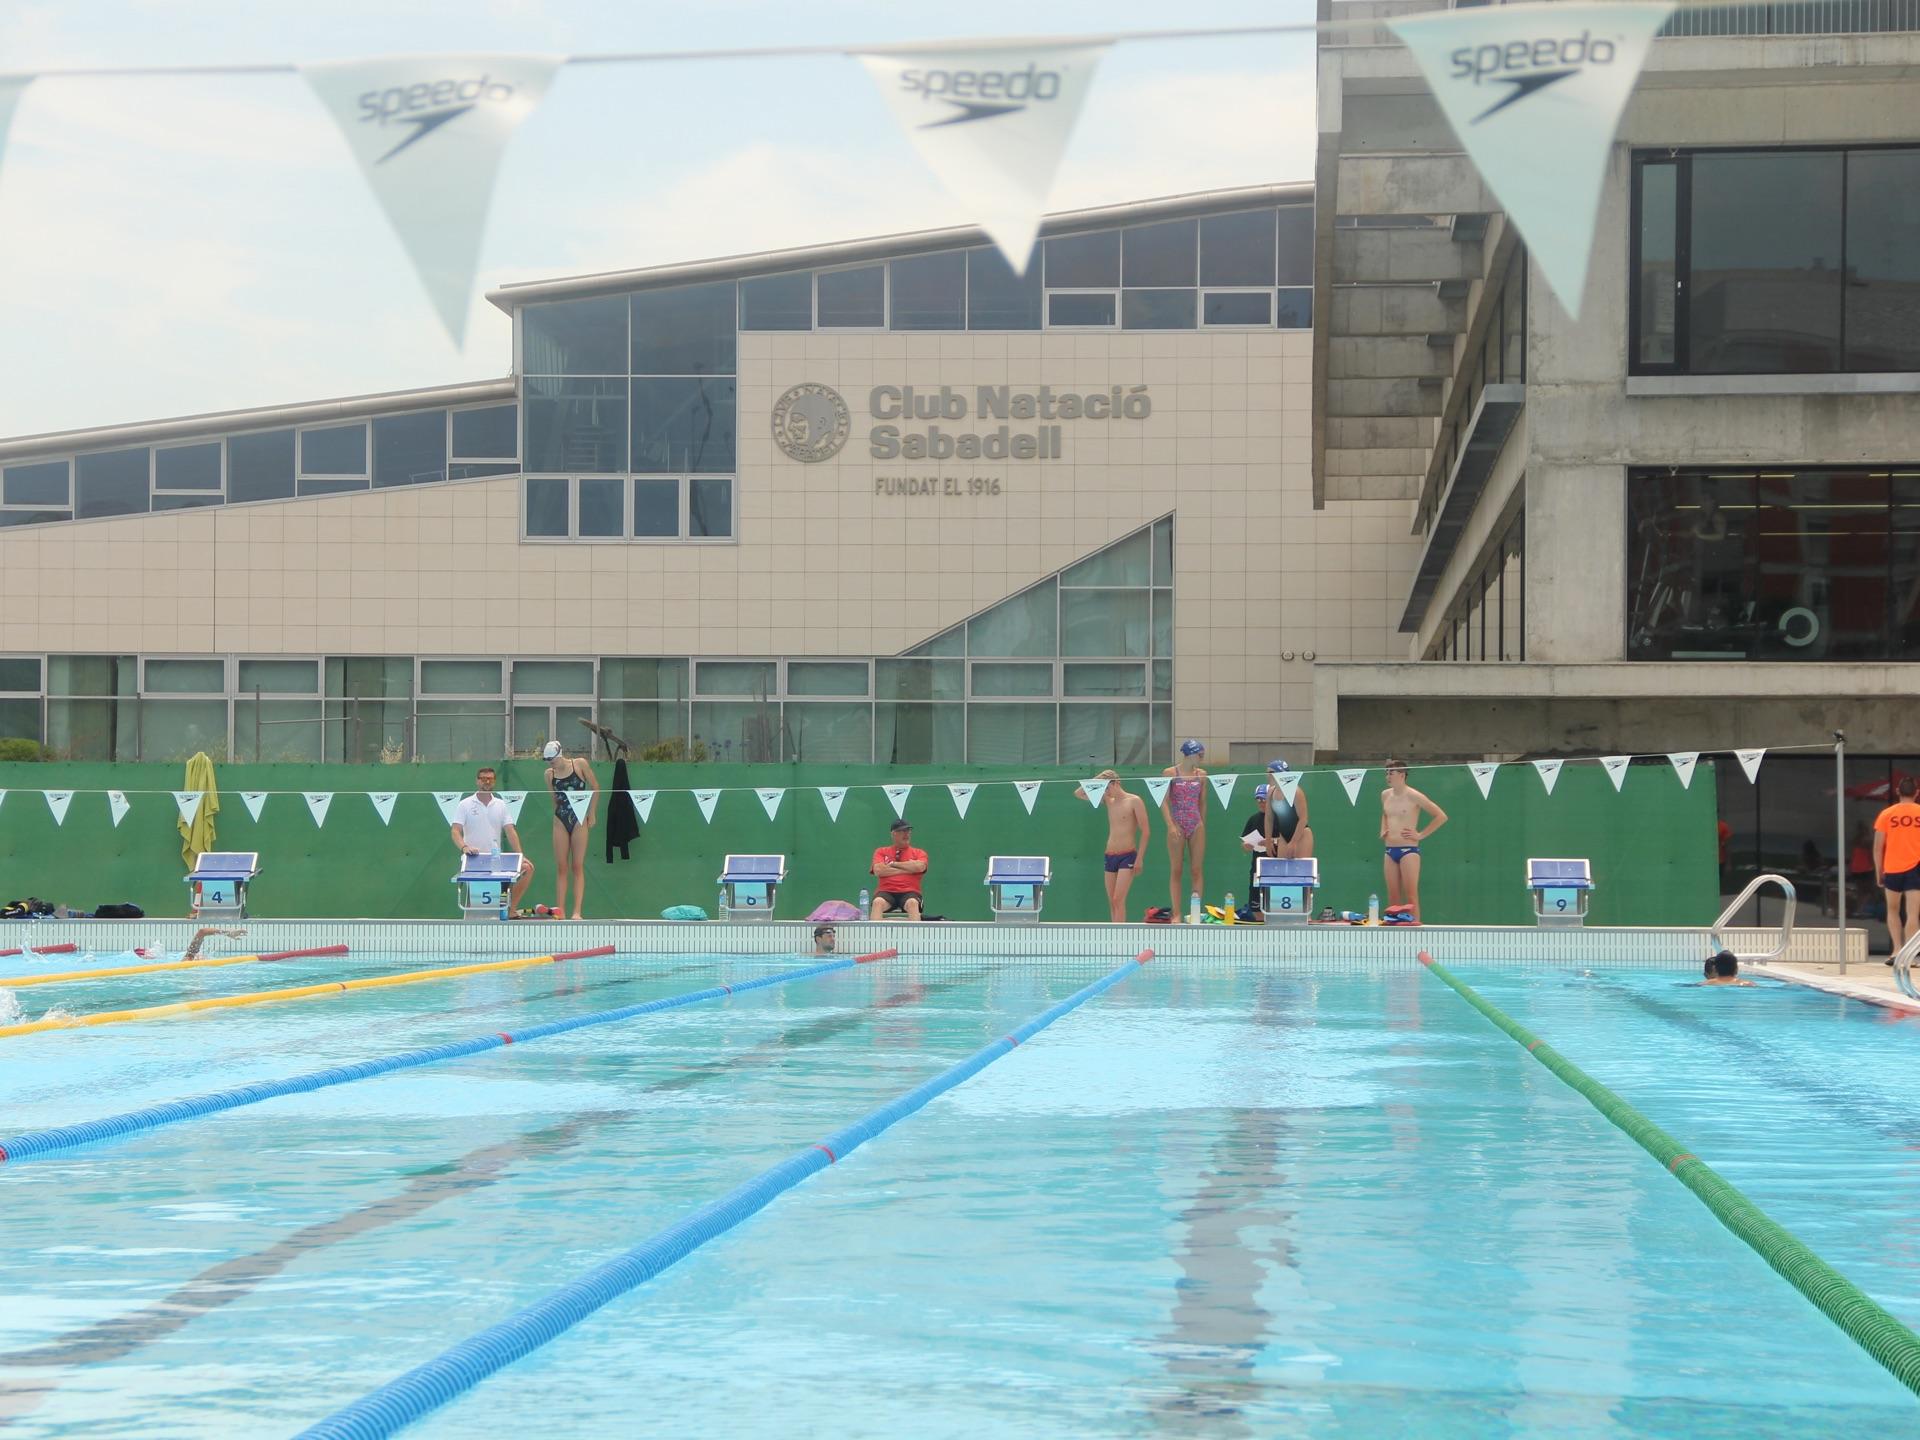 Sabadell indoor pool 4